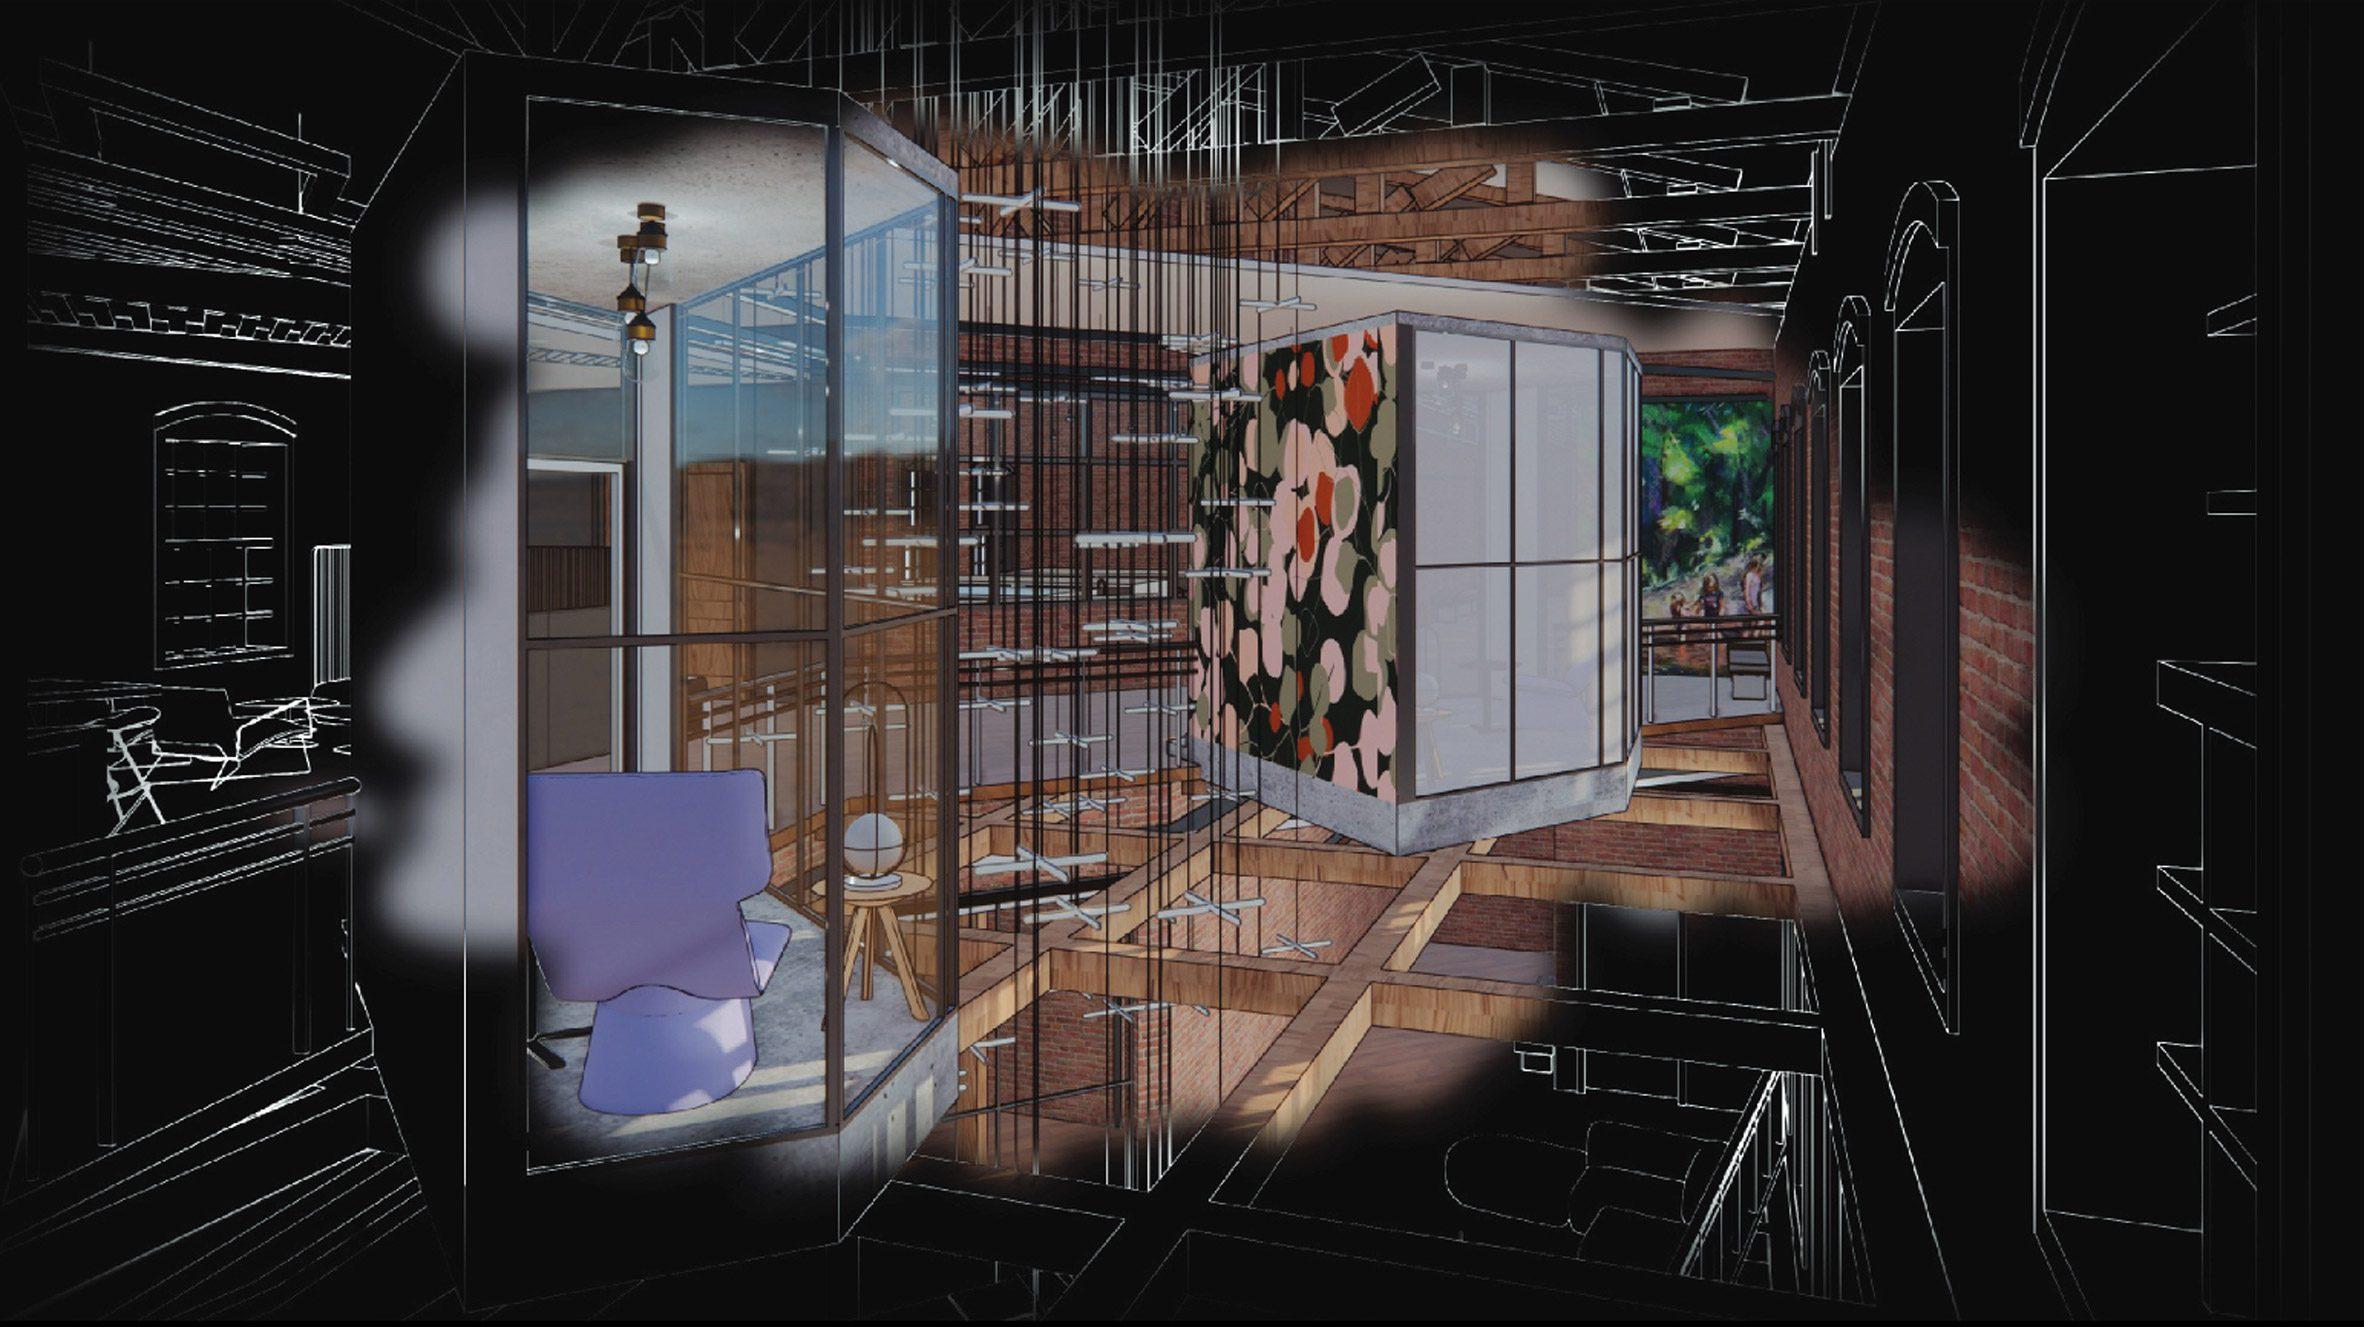 Sondr Art Centre is a community art centre